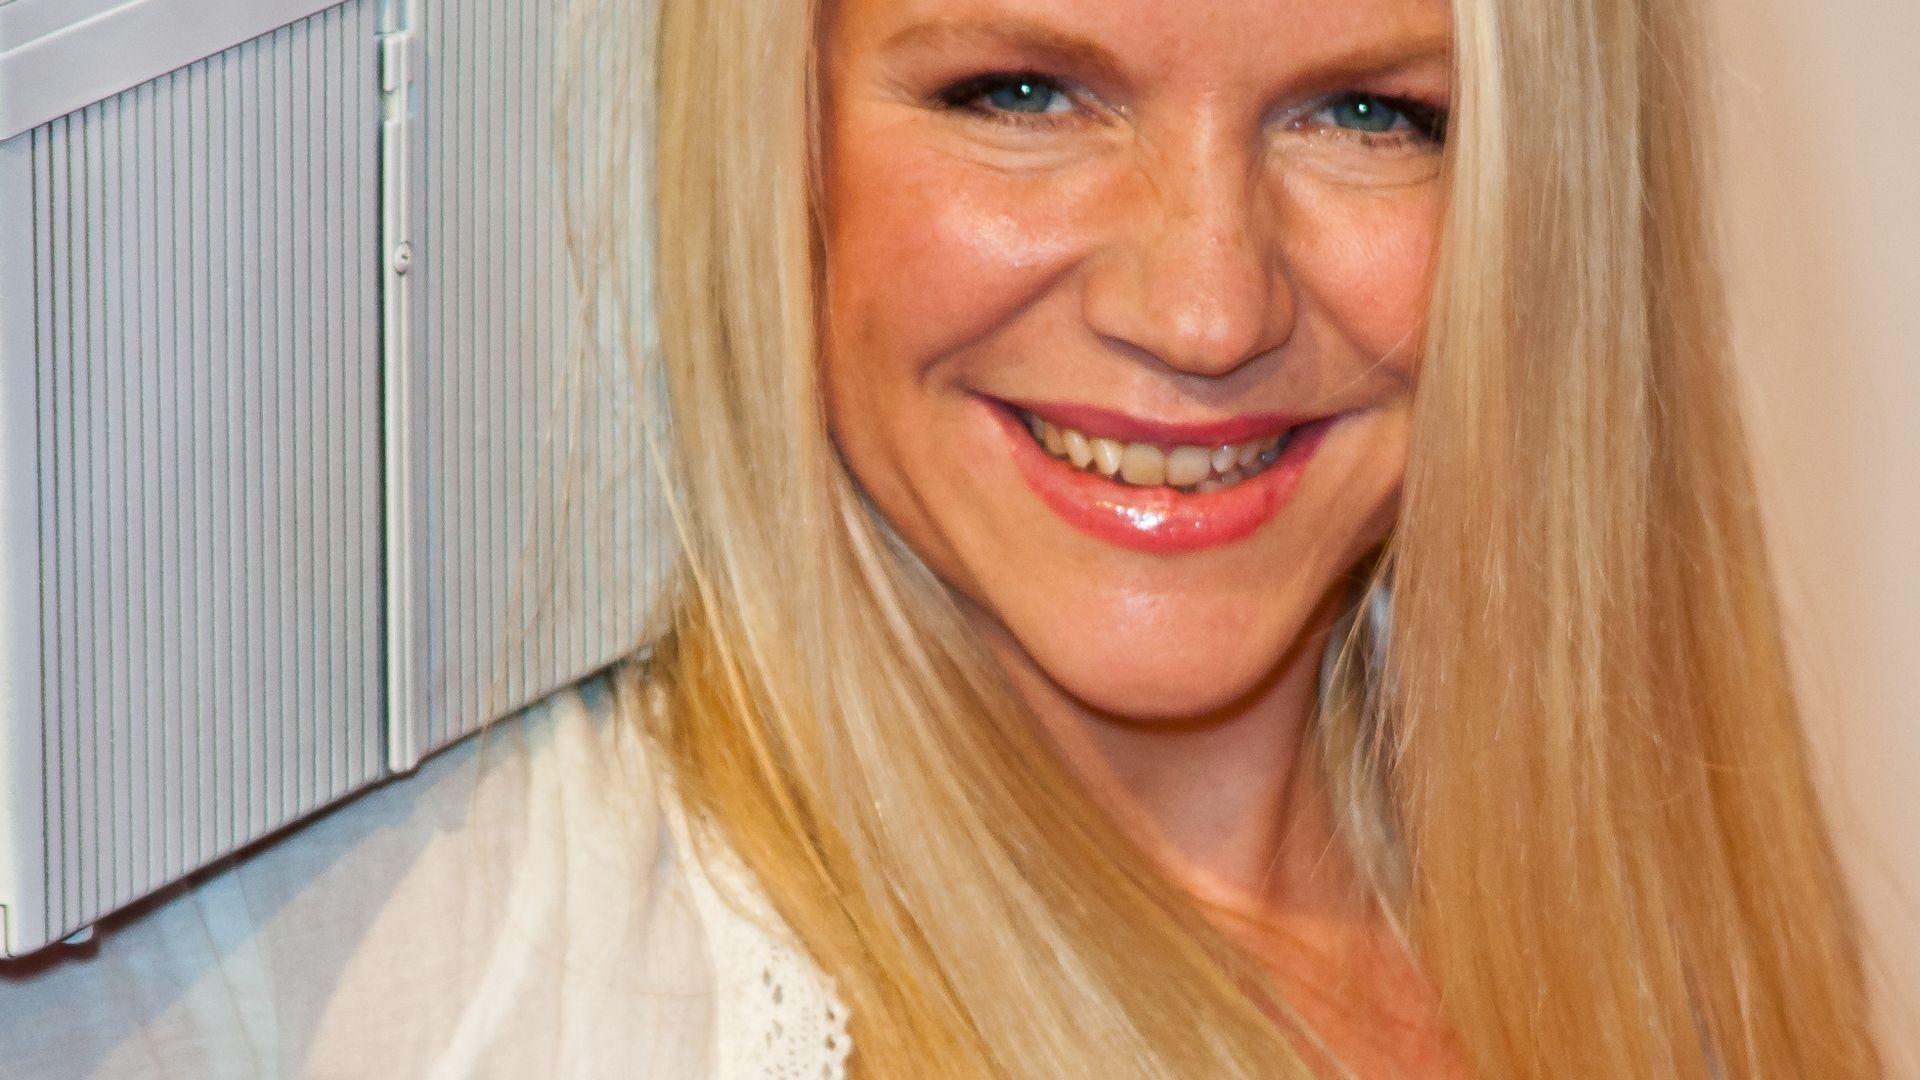 Charlotte Karlinder Zähne